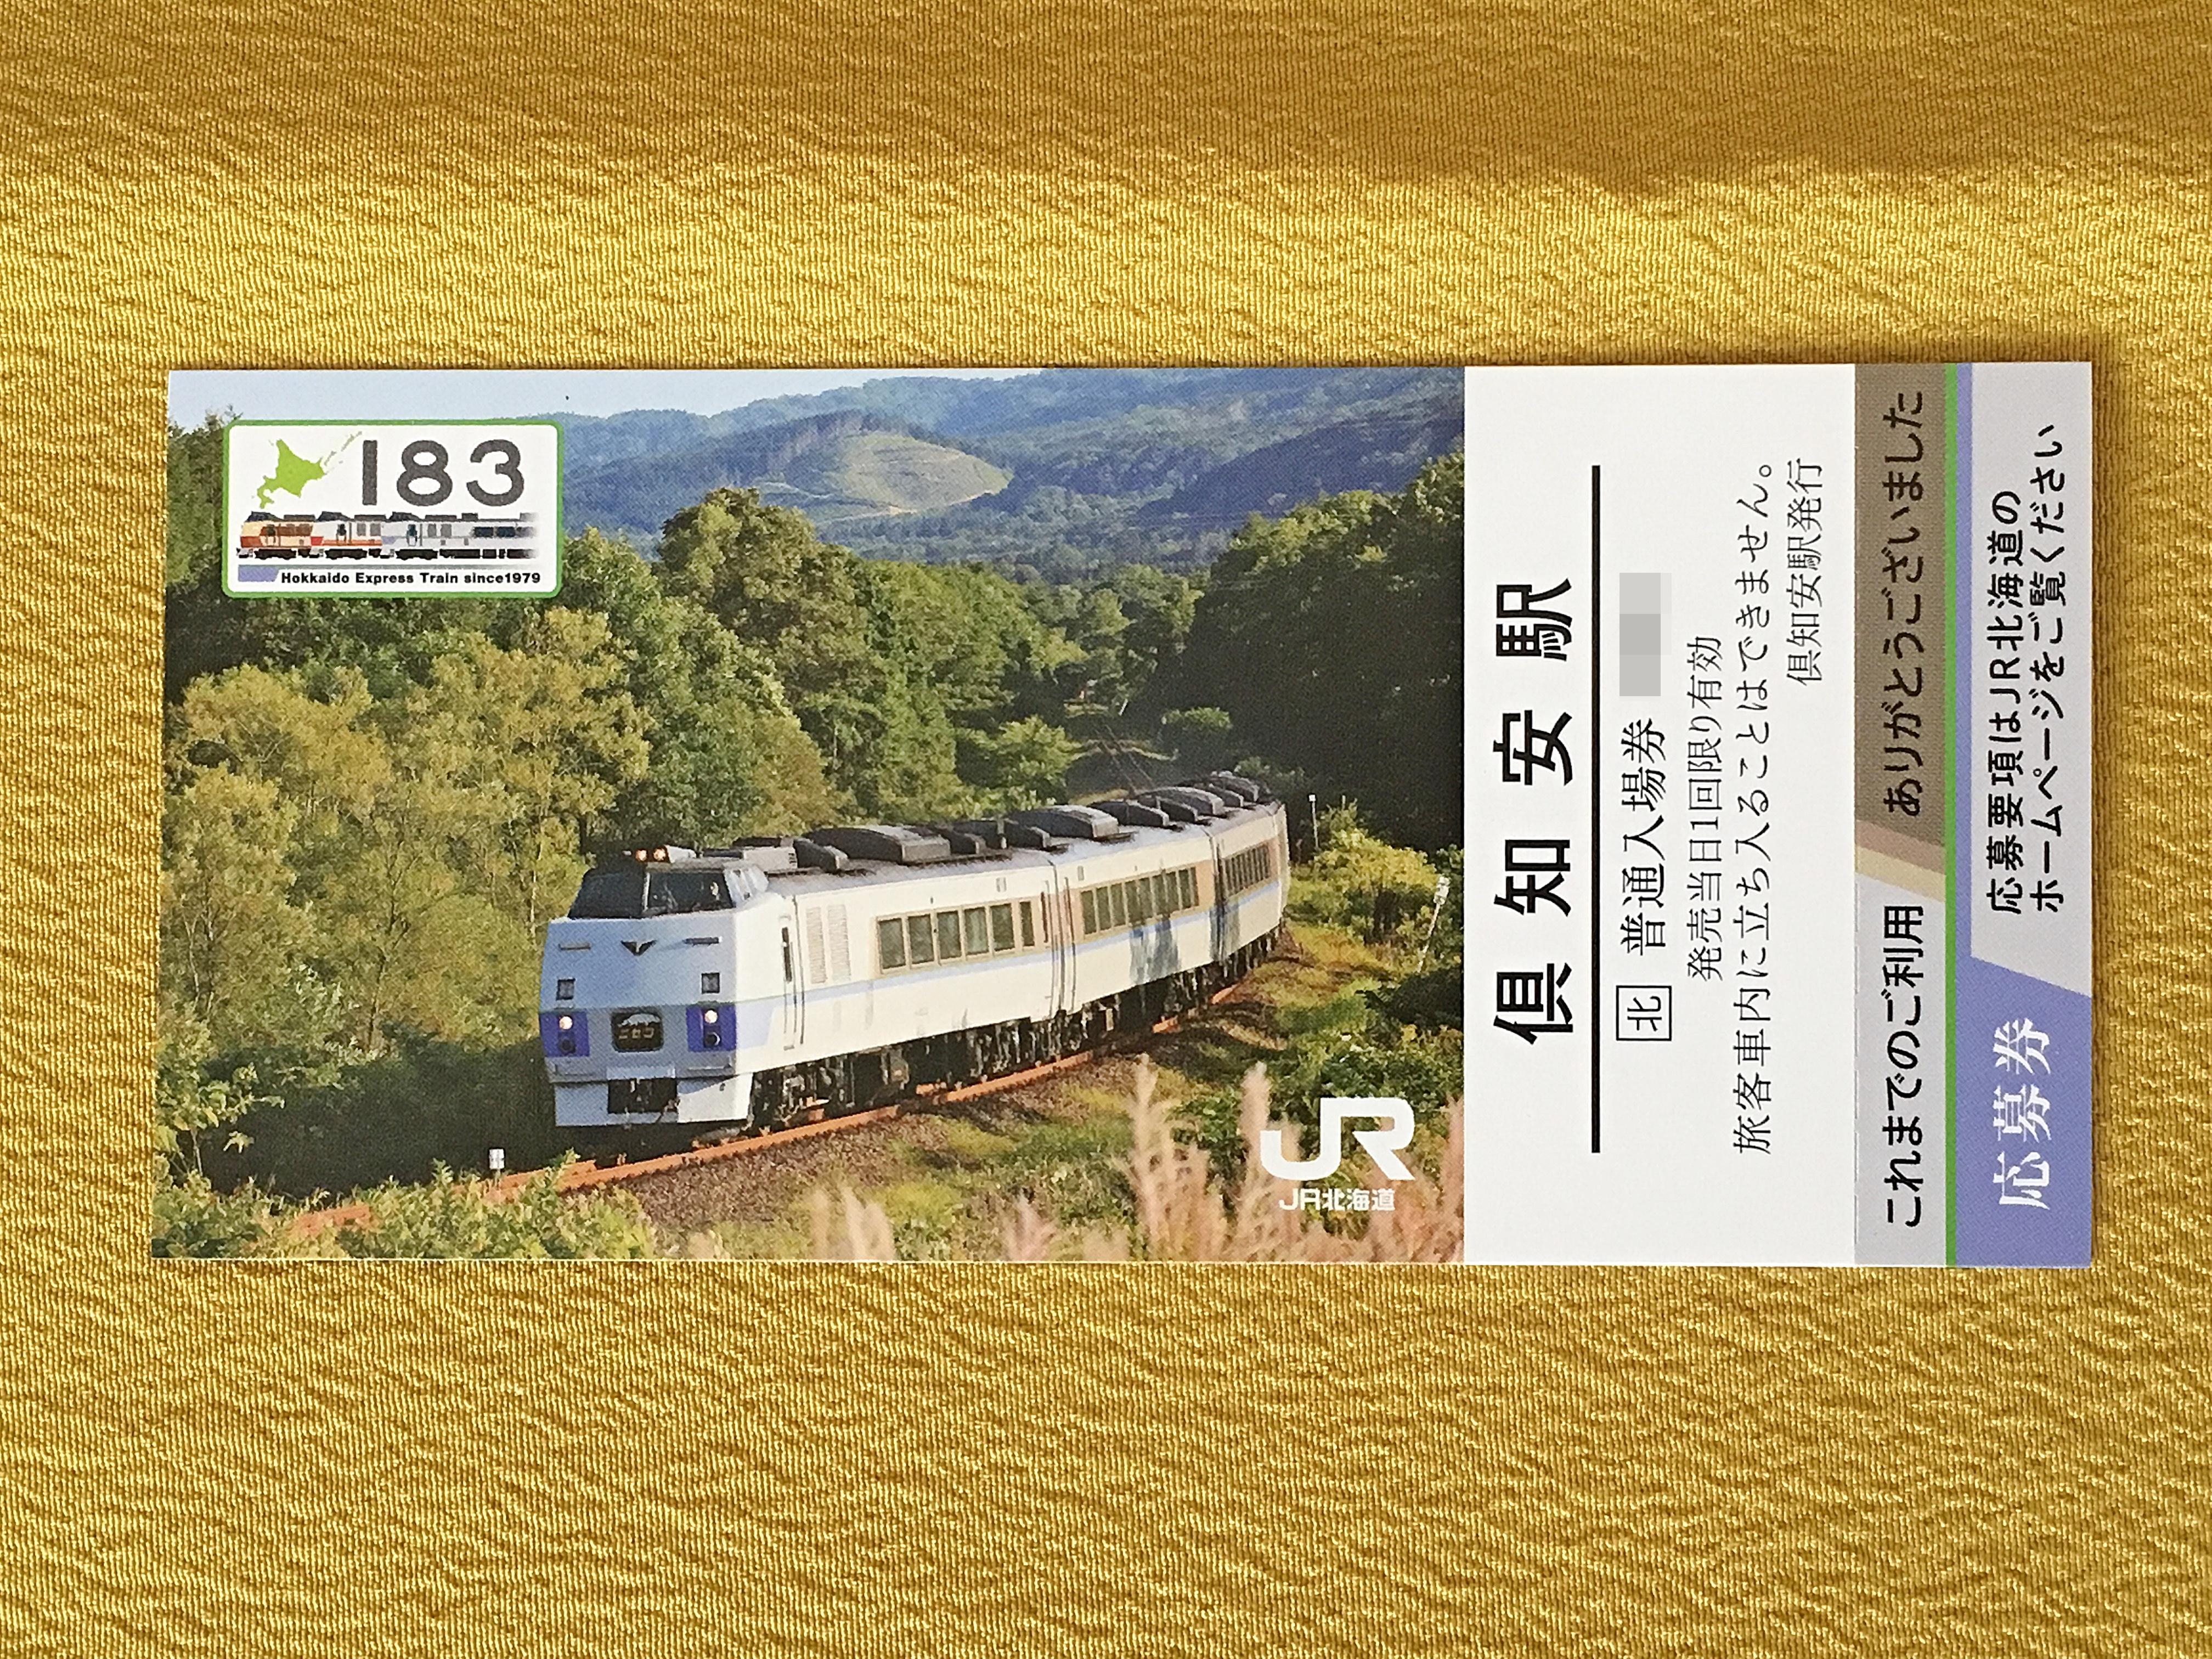 キハ183-0系記念入場券 倶知安駅表.JPG